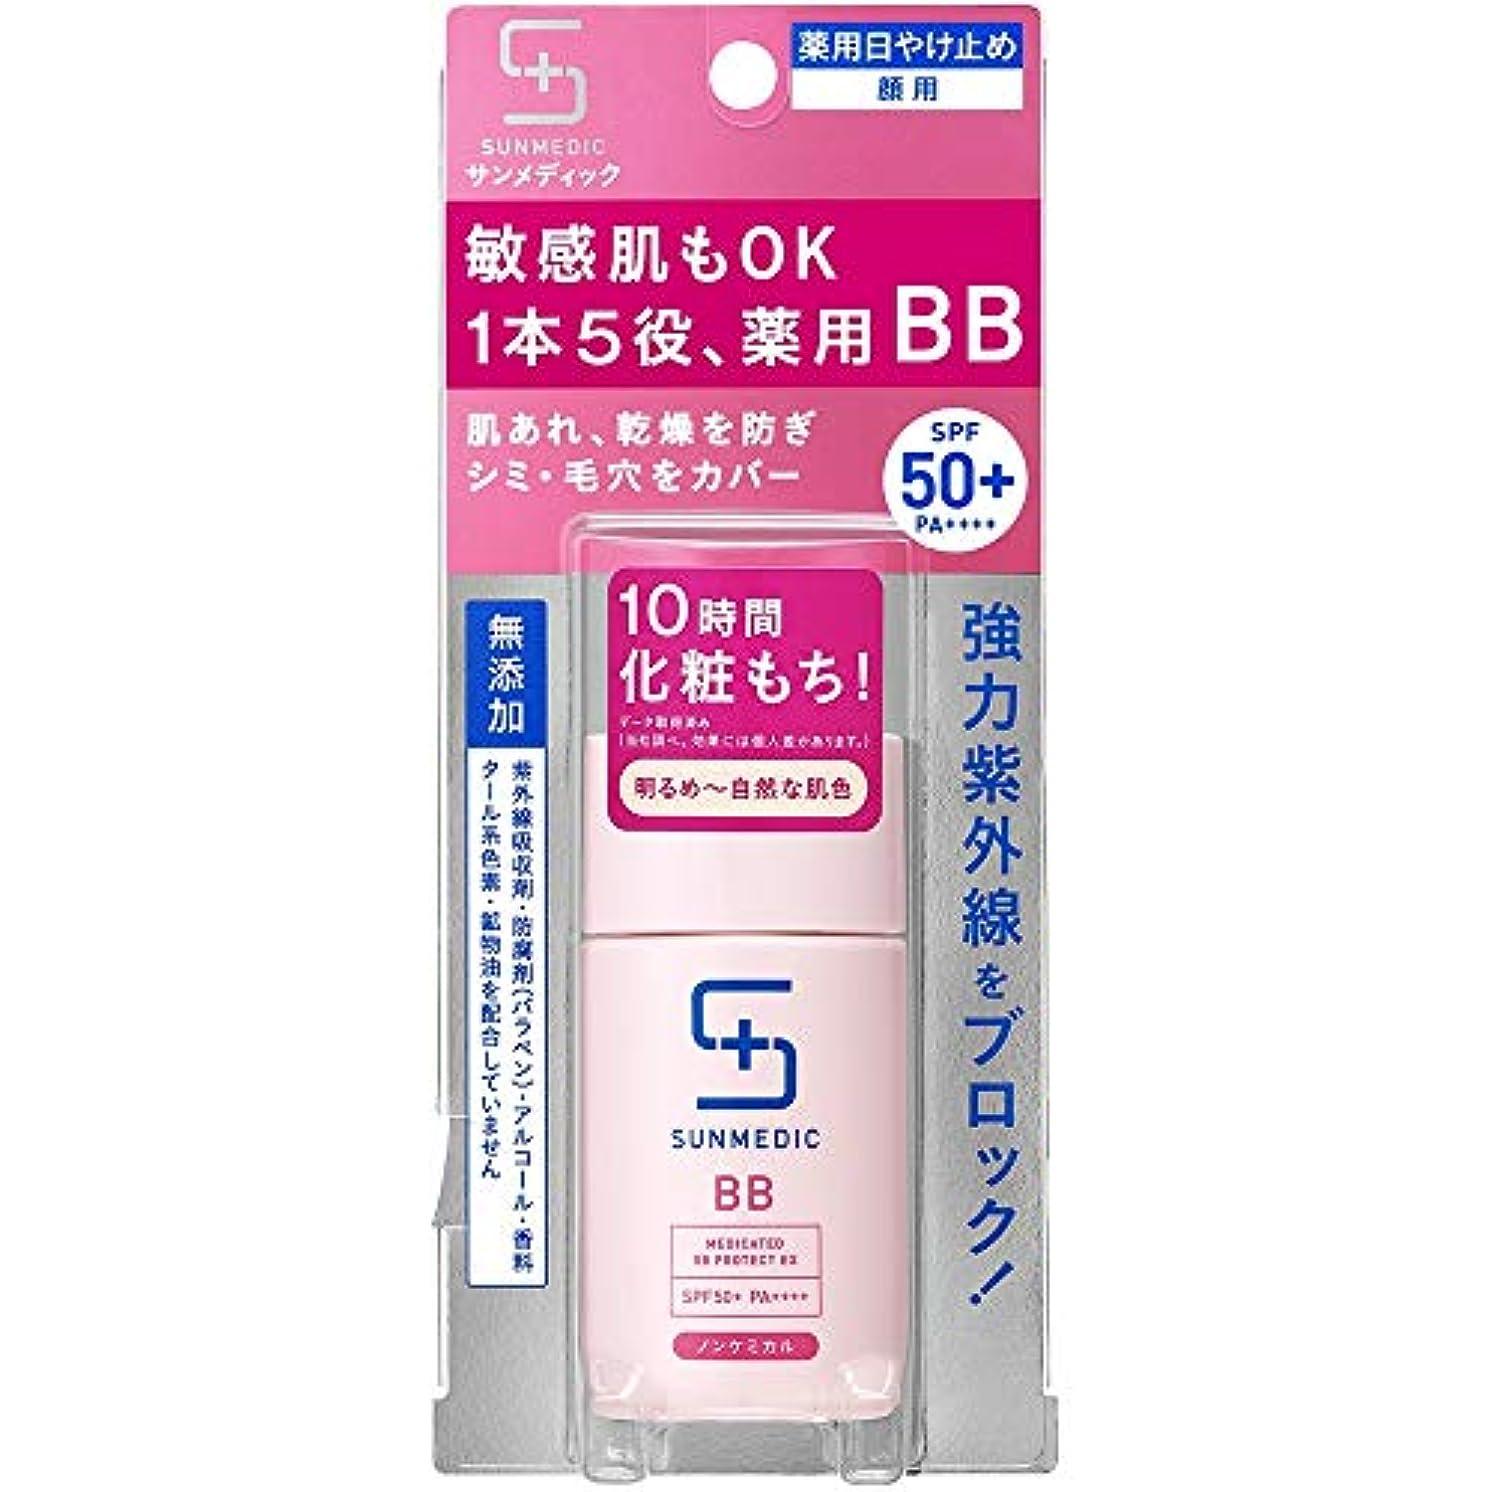 セクションそして去るサンメディックUV 薬用BBプロテクトEX ライト 30ml (医薬部外品)